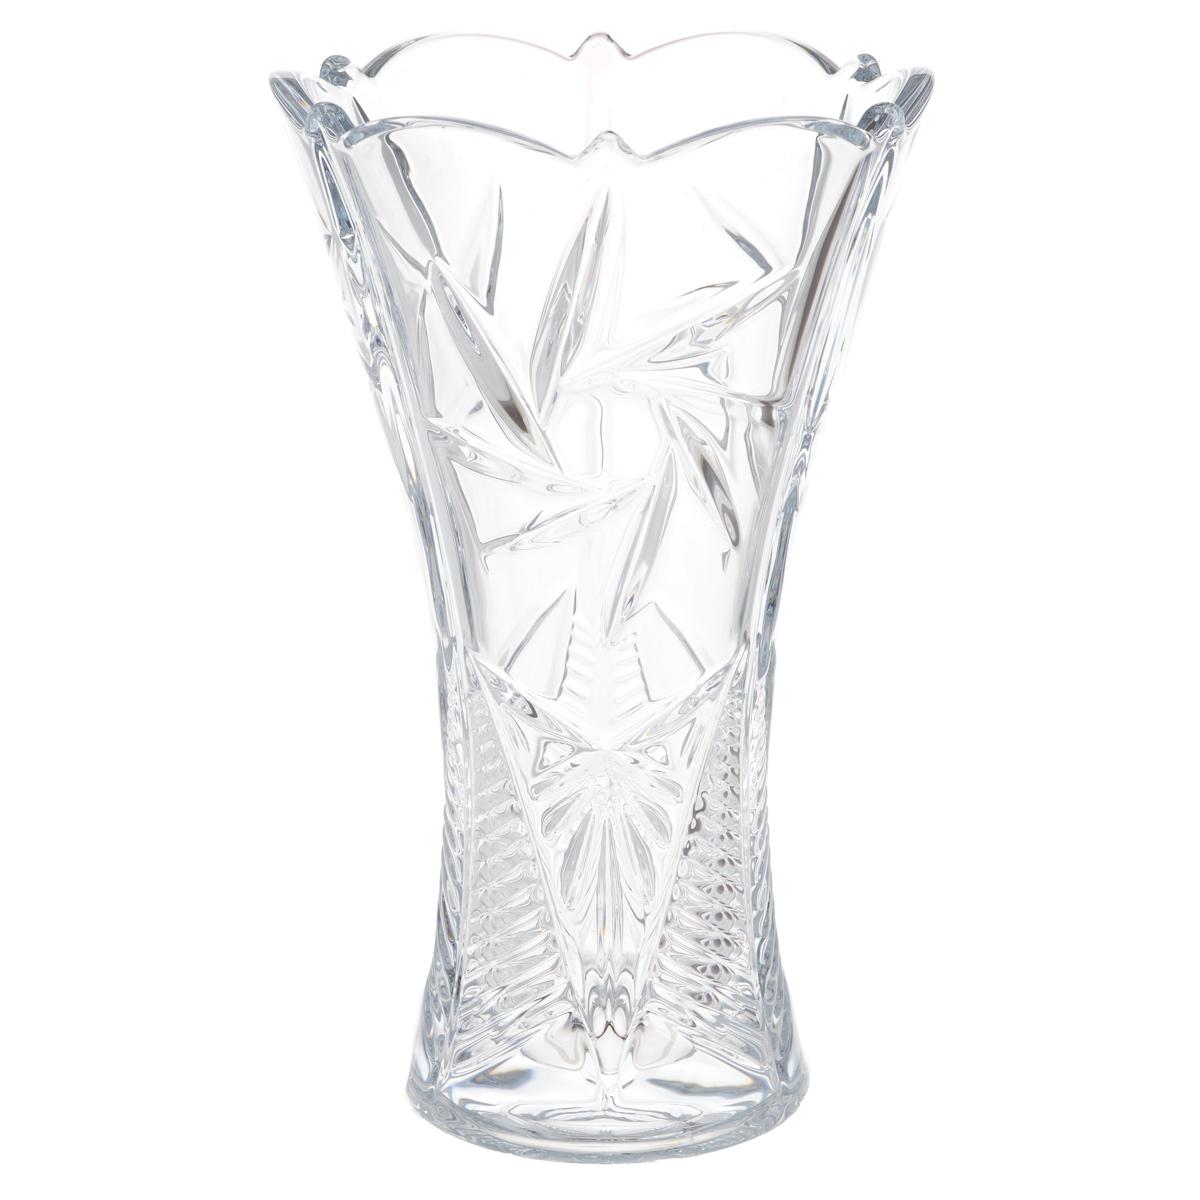 Ваза Crystalite Bohemia Тукана-Миранда, высота 25 см89001/0/99018/250Изящная ваза Crystalite Bohemia Тукана-Миранда изготовлена из прочного утолщенного стекла кристалайт. Она красиво переливается и излучает приятный блеск. Ваза оснащена оригинальным рельефным орнаментом и неровными краями, что делает ее изящным украшением интерьера. Ваза Crystalite Bohemia Тукана-Миранда дополнит интерьер офиса или дома и станет желанным и стильным подарком.